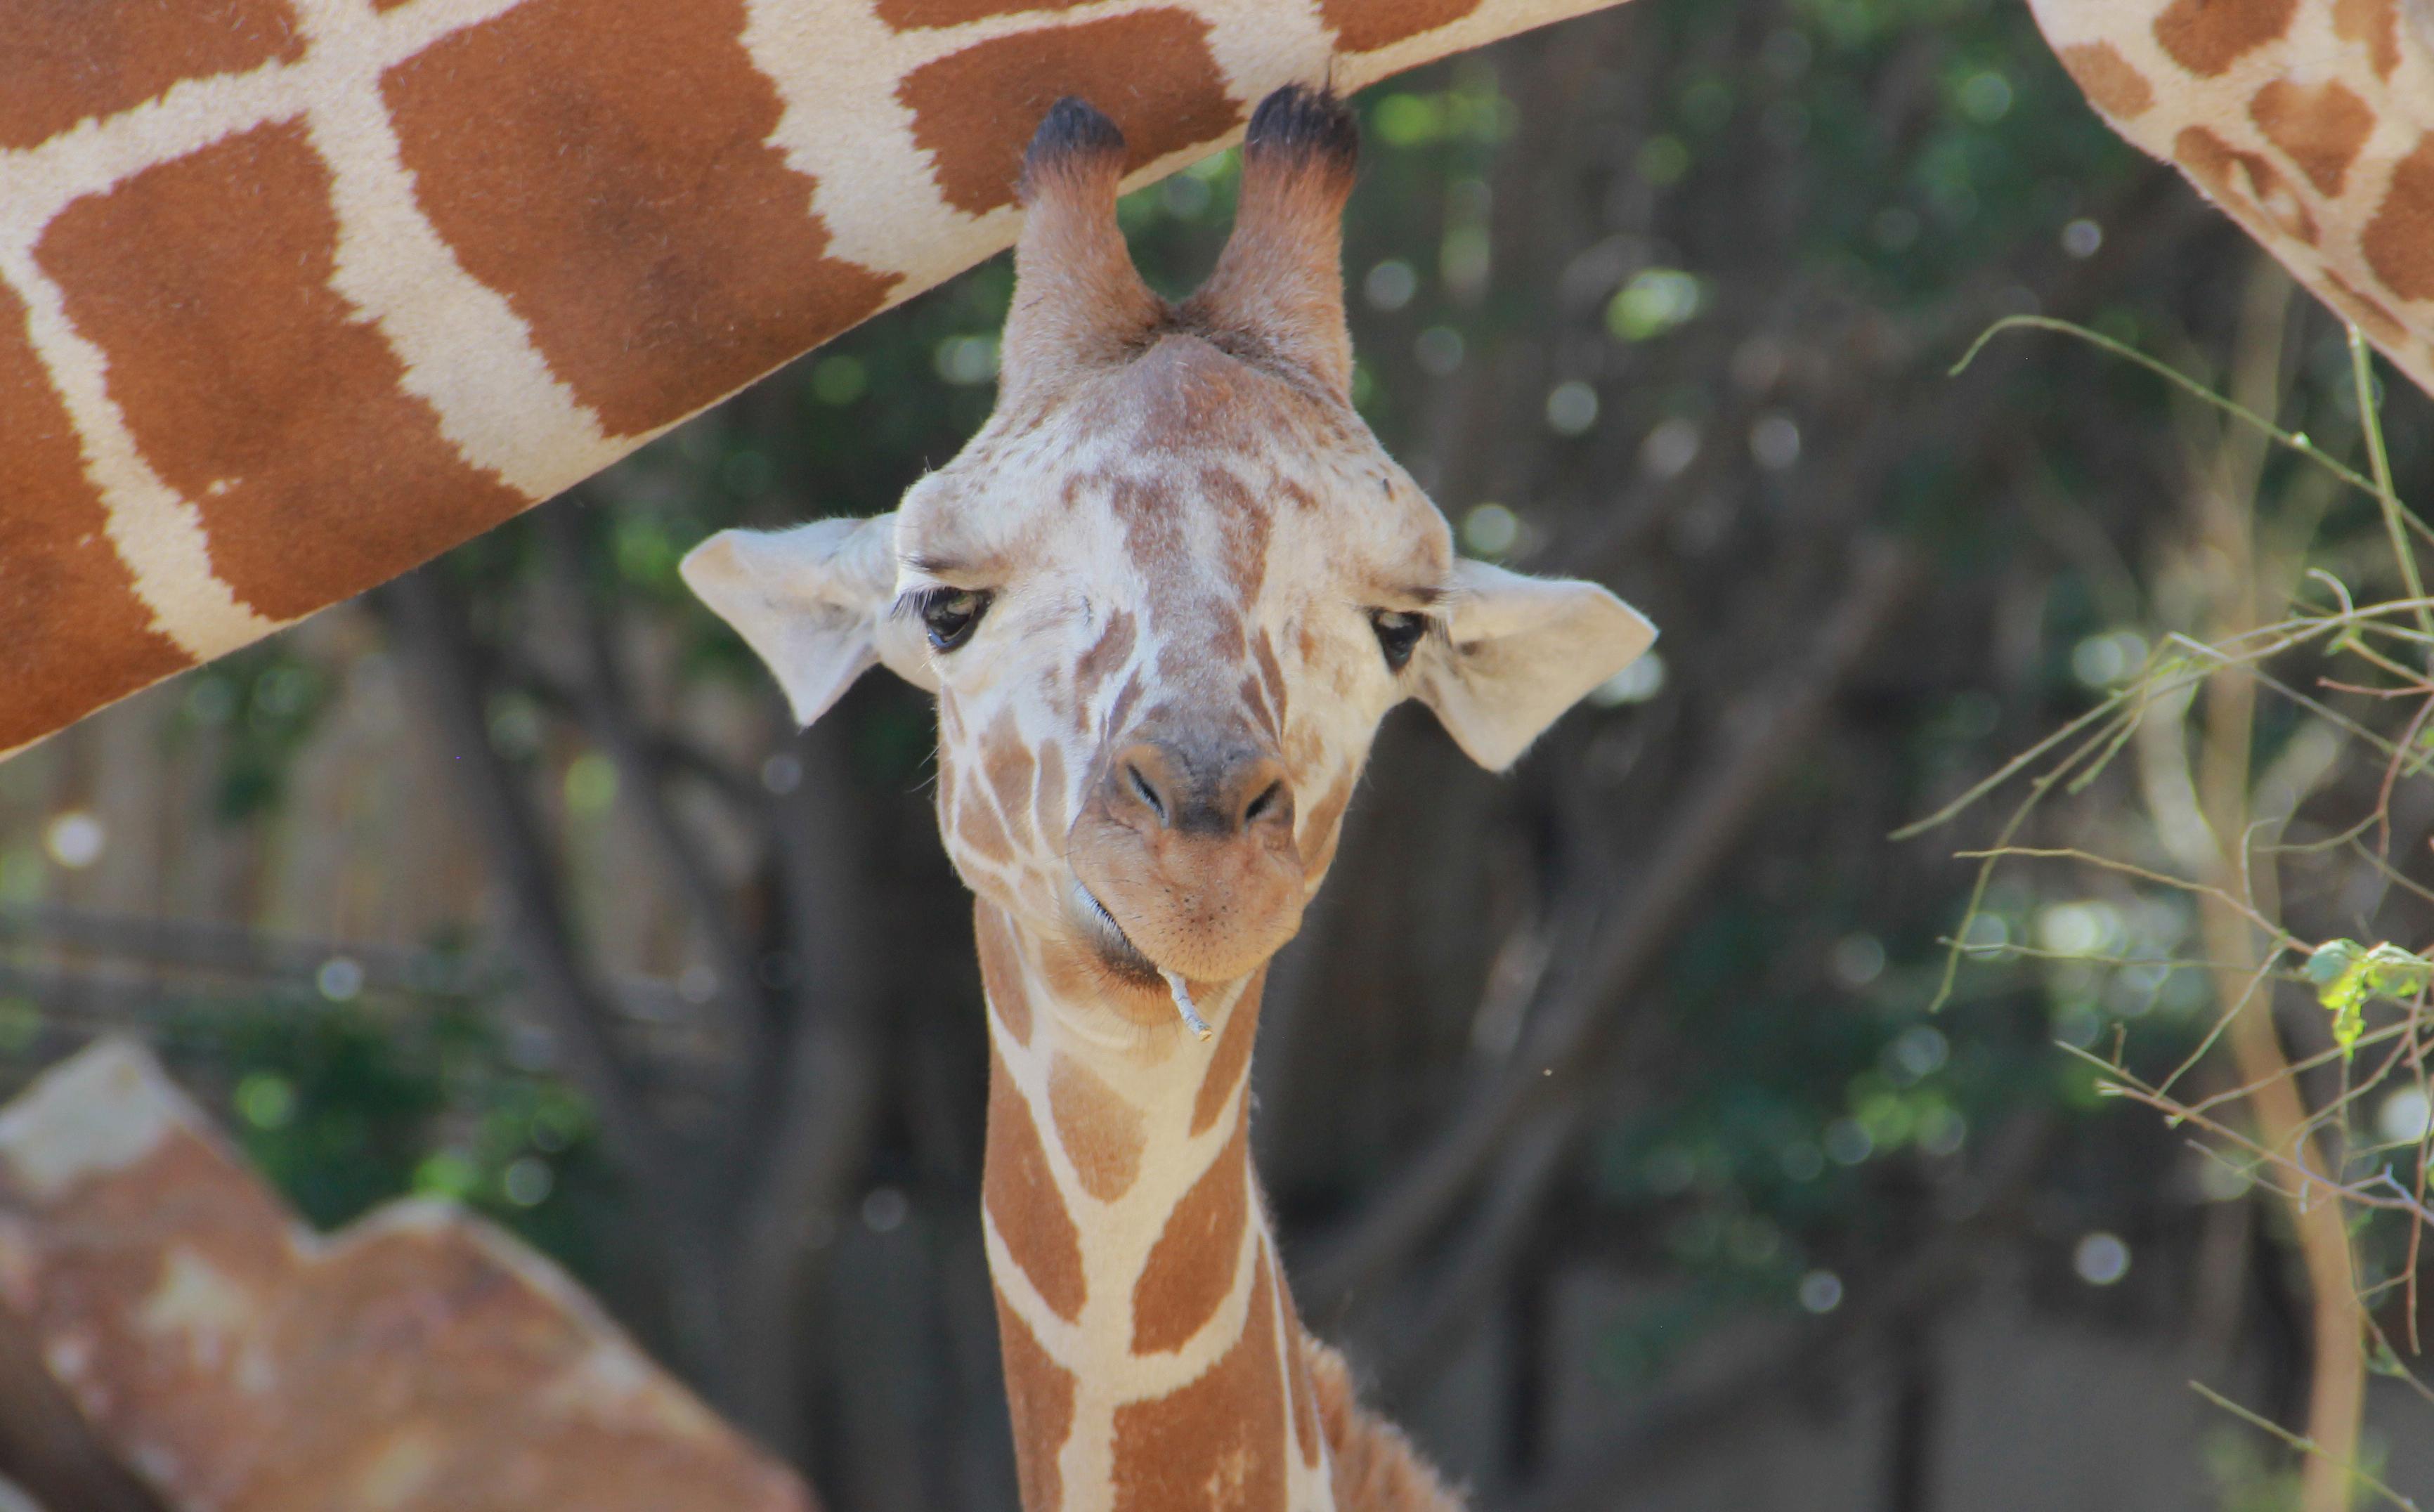 Baby Giraffe June 2018